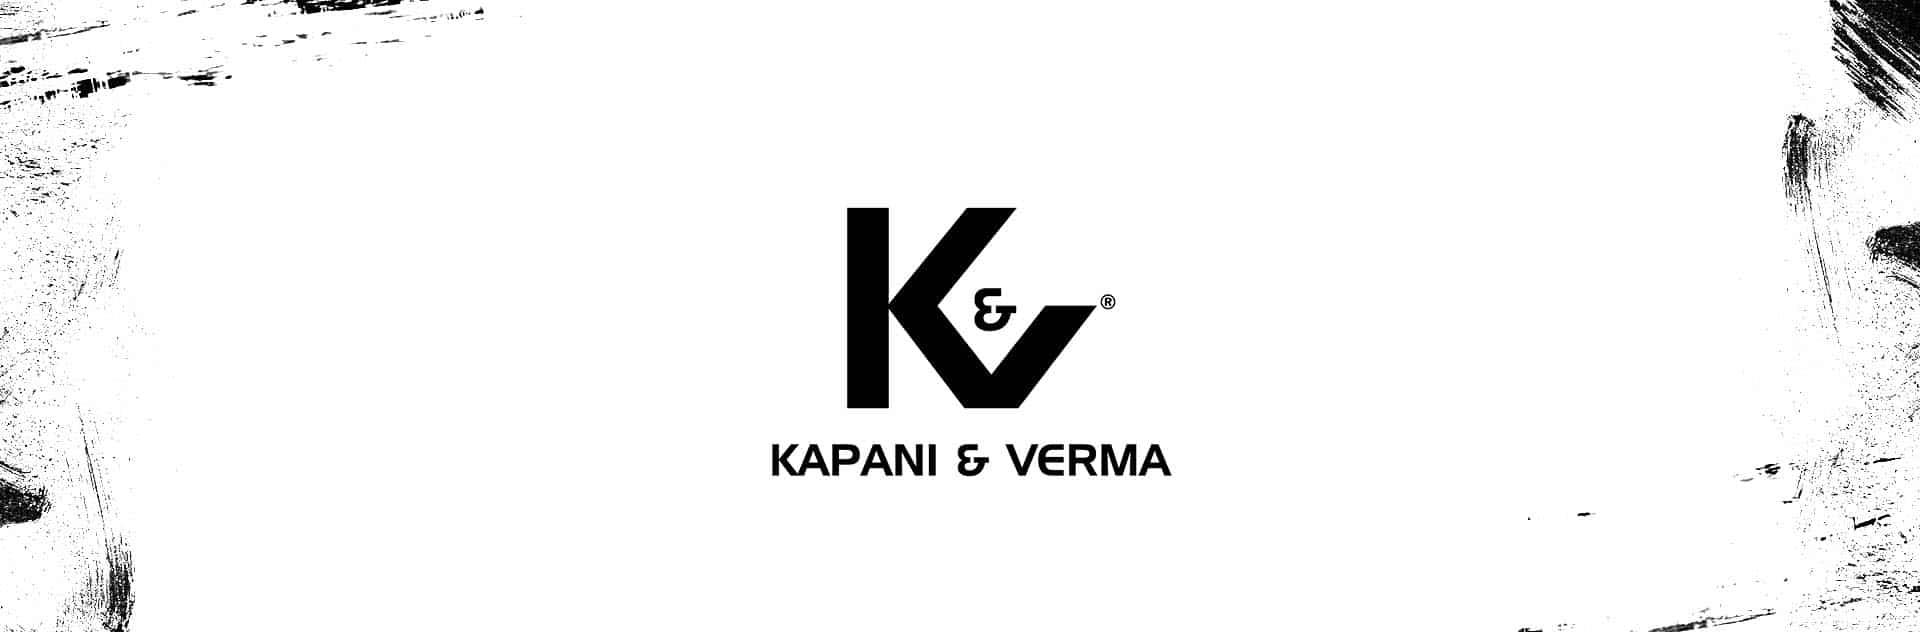 Kapani & Verma logo design